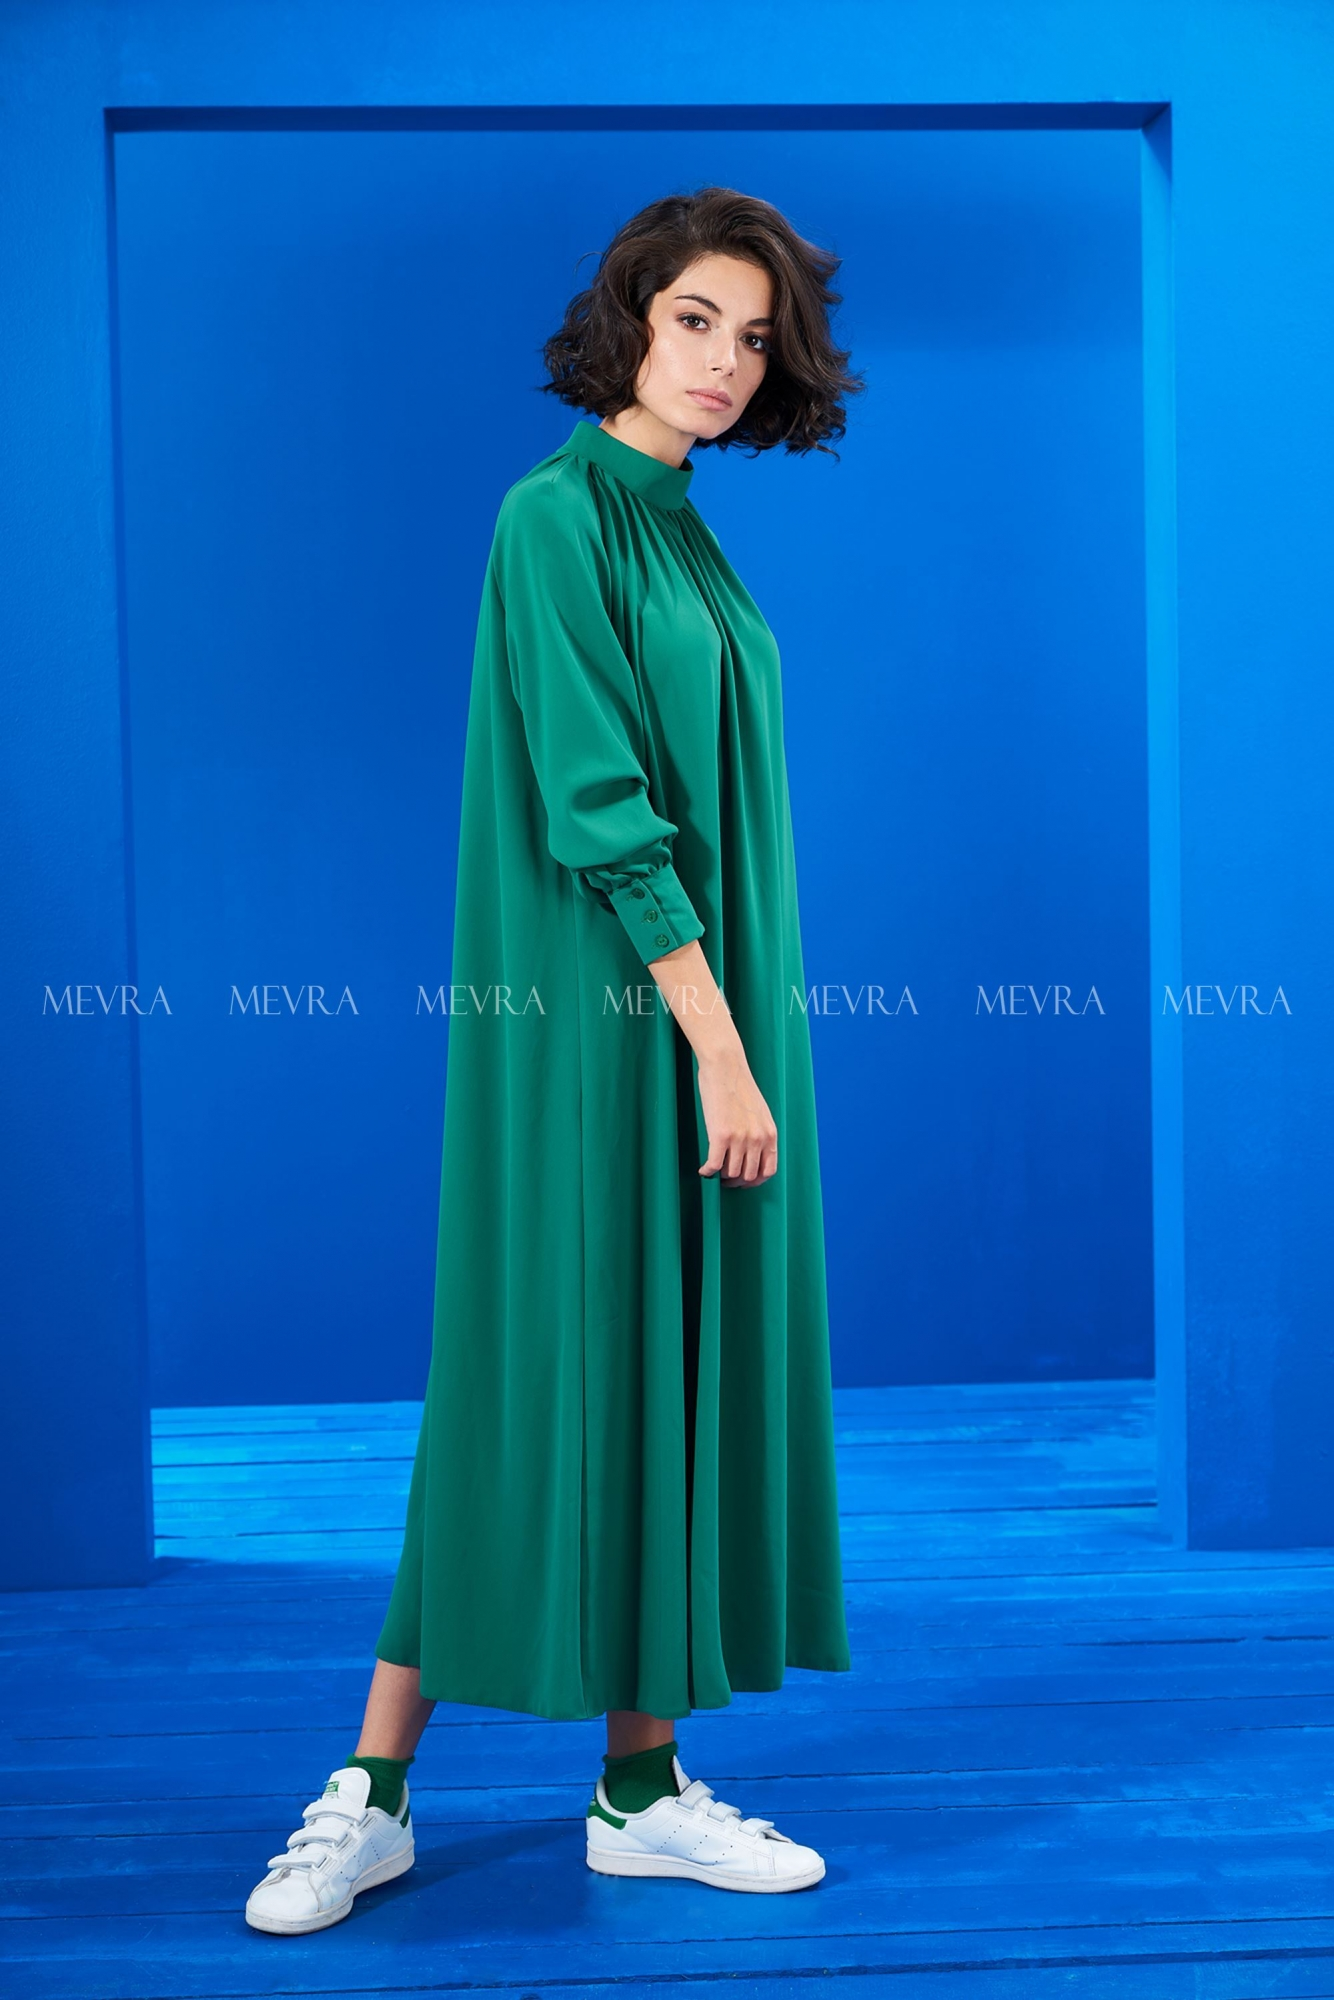 Mevra - Yeşil Büzgülü Elbise